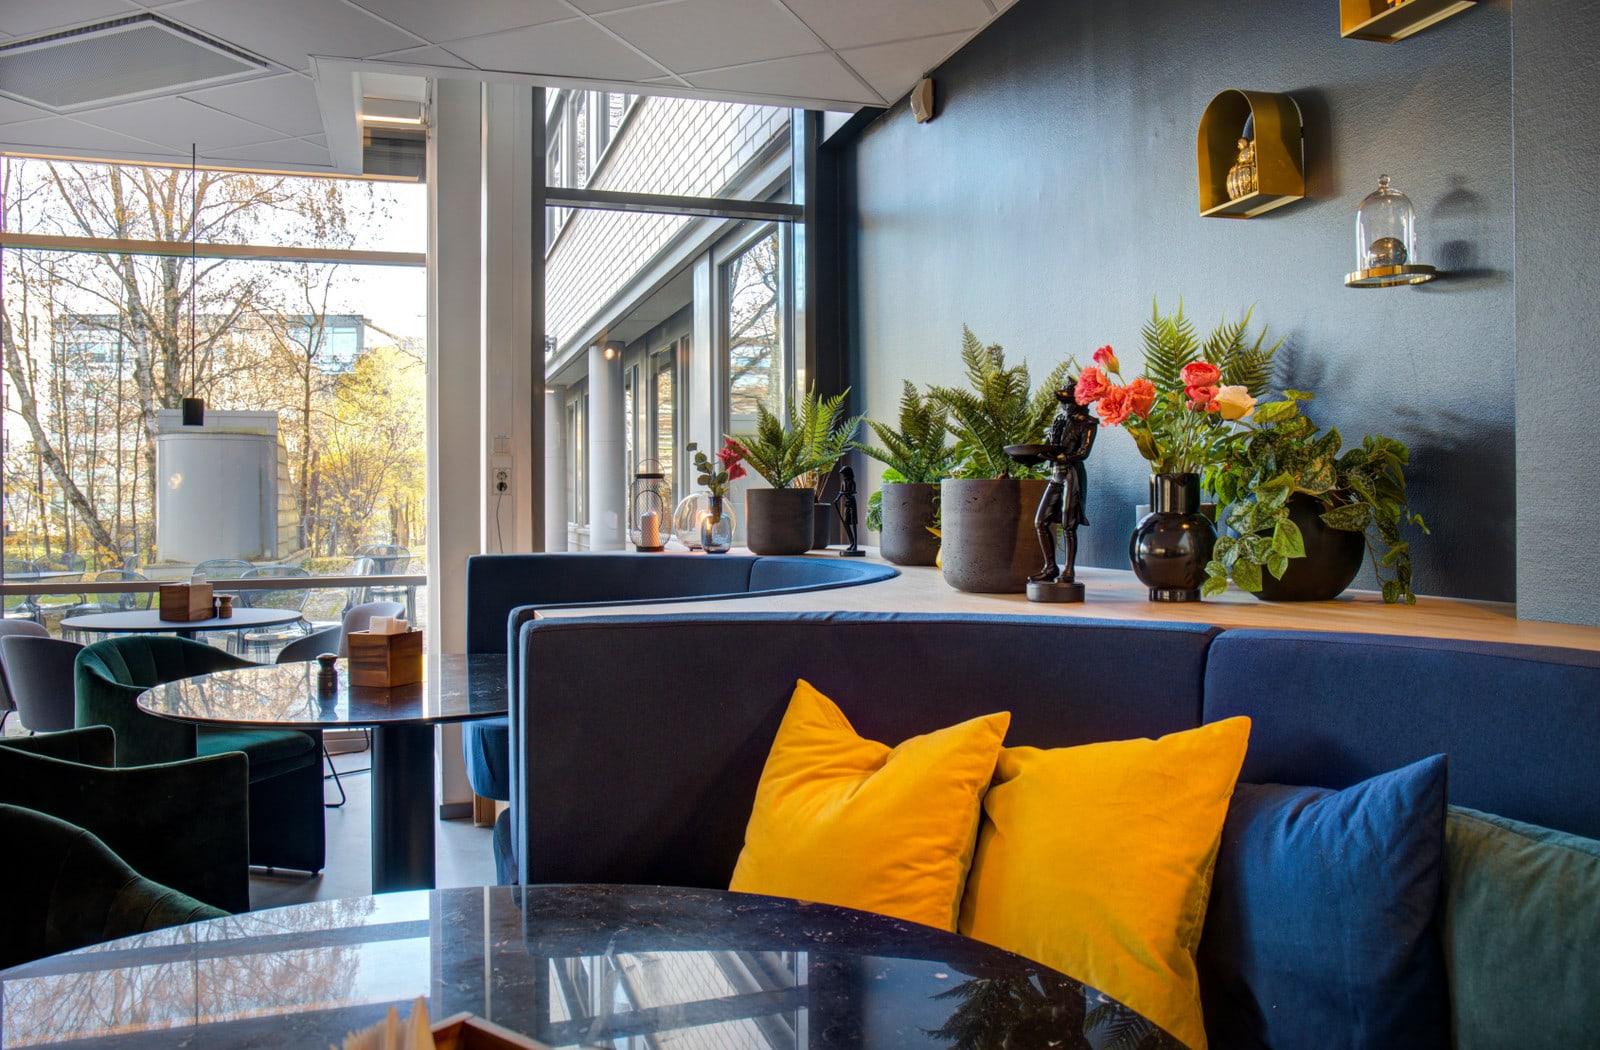 Eiendommens personalrestaurant ble oppgradert i 2019 og fremstår som innbydende